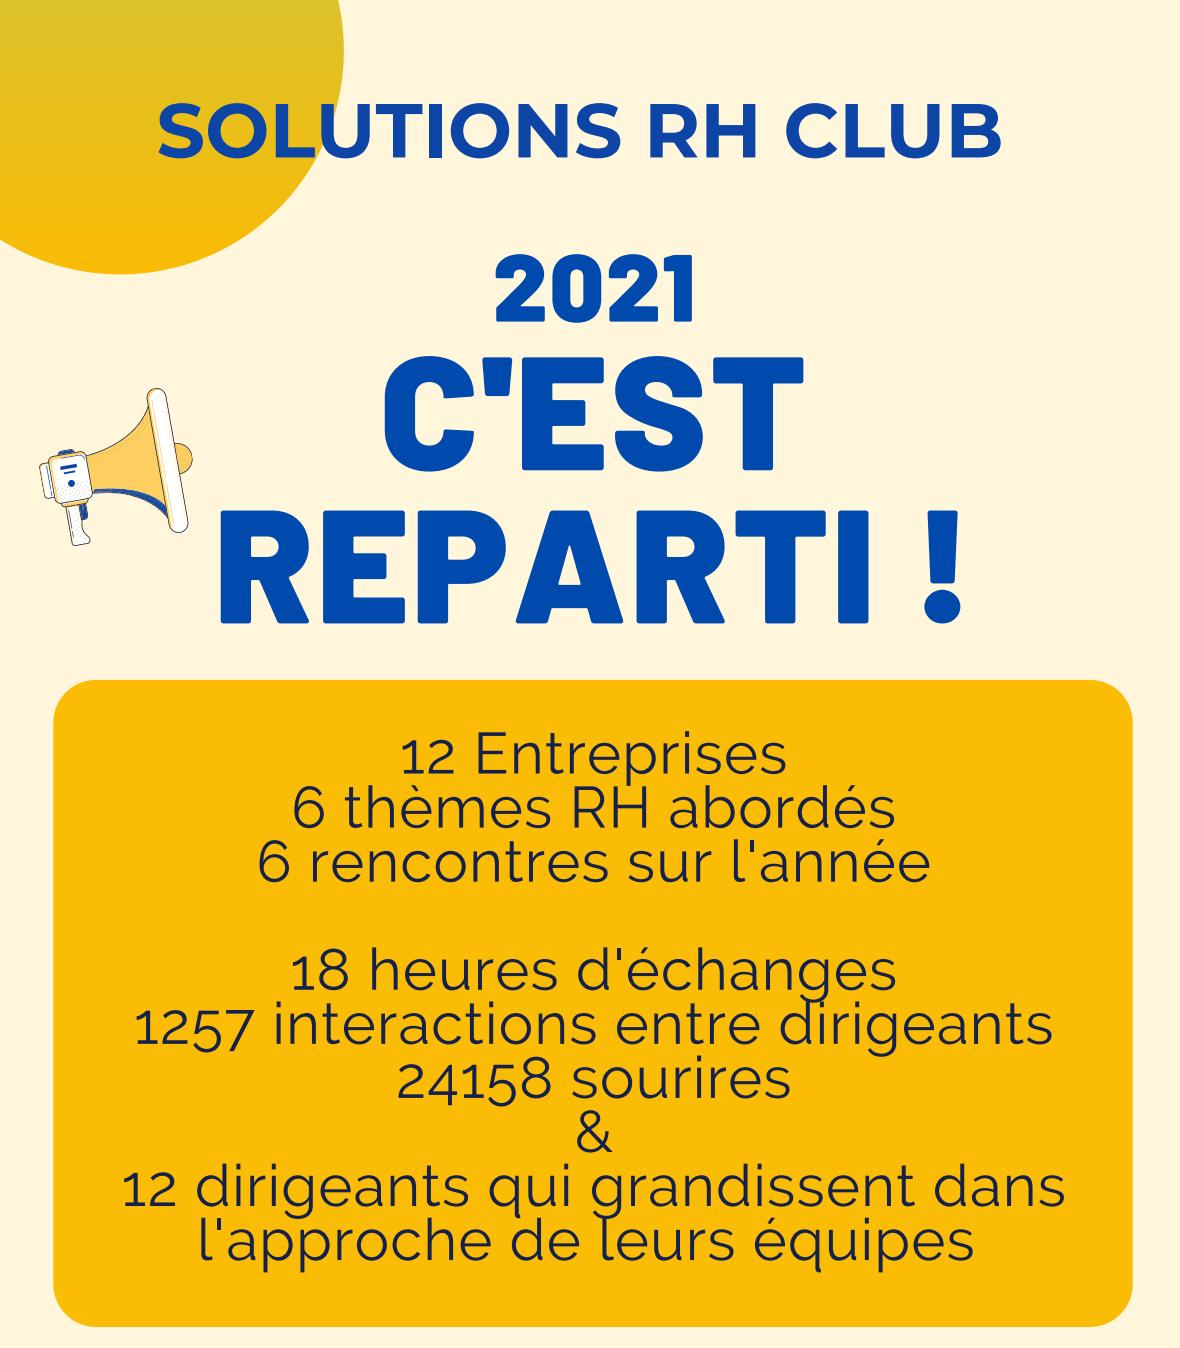 solutions rh club